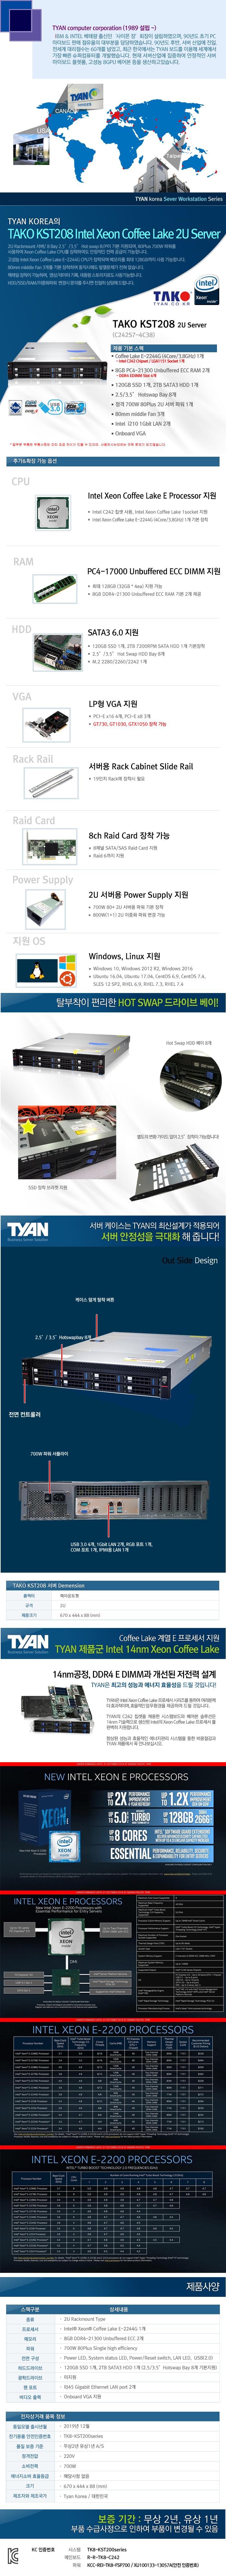 TYAN TAKO-KST208-(C242S7-4C38) (16GB, SSD 120GB + 2TB)